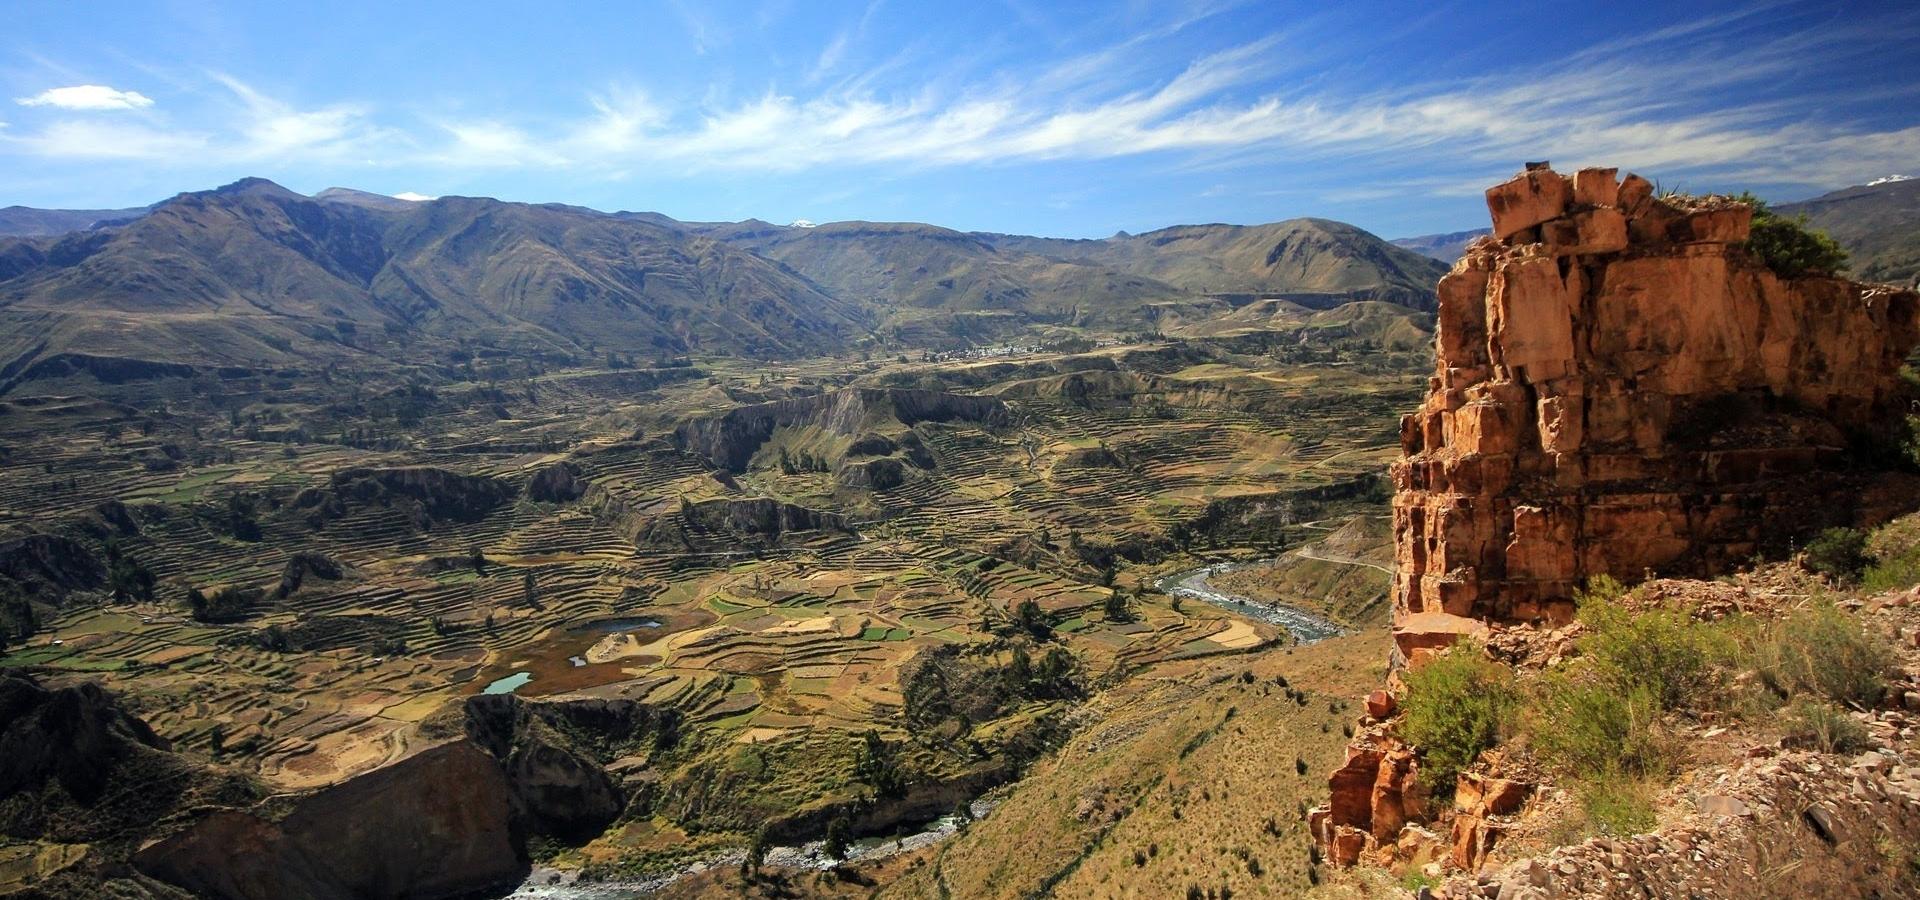 Peru - Civilizaciones y Tradiciones Andinas